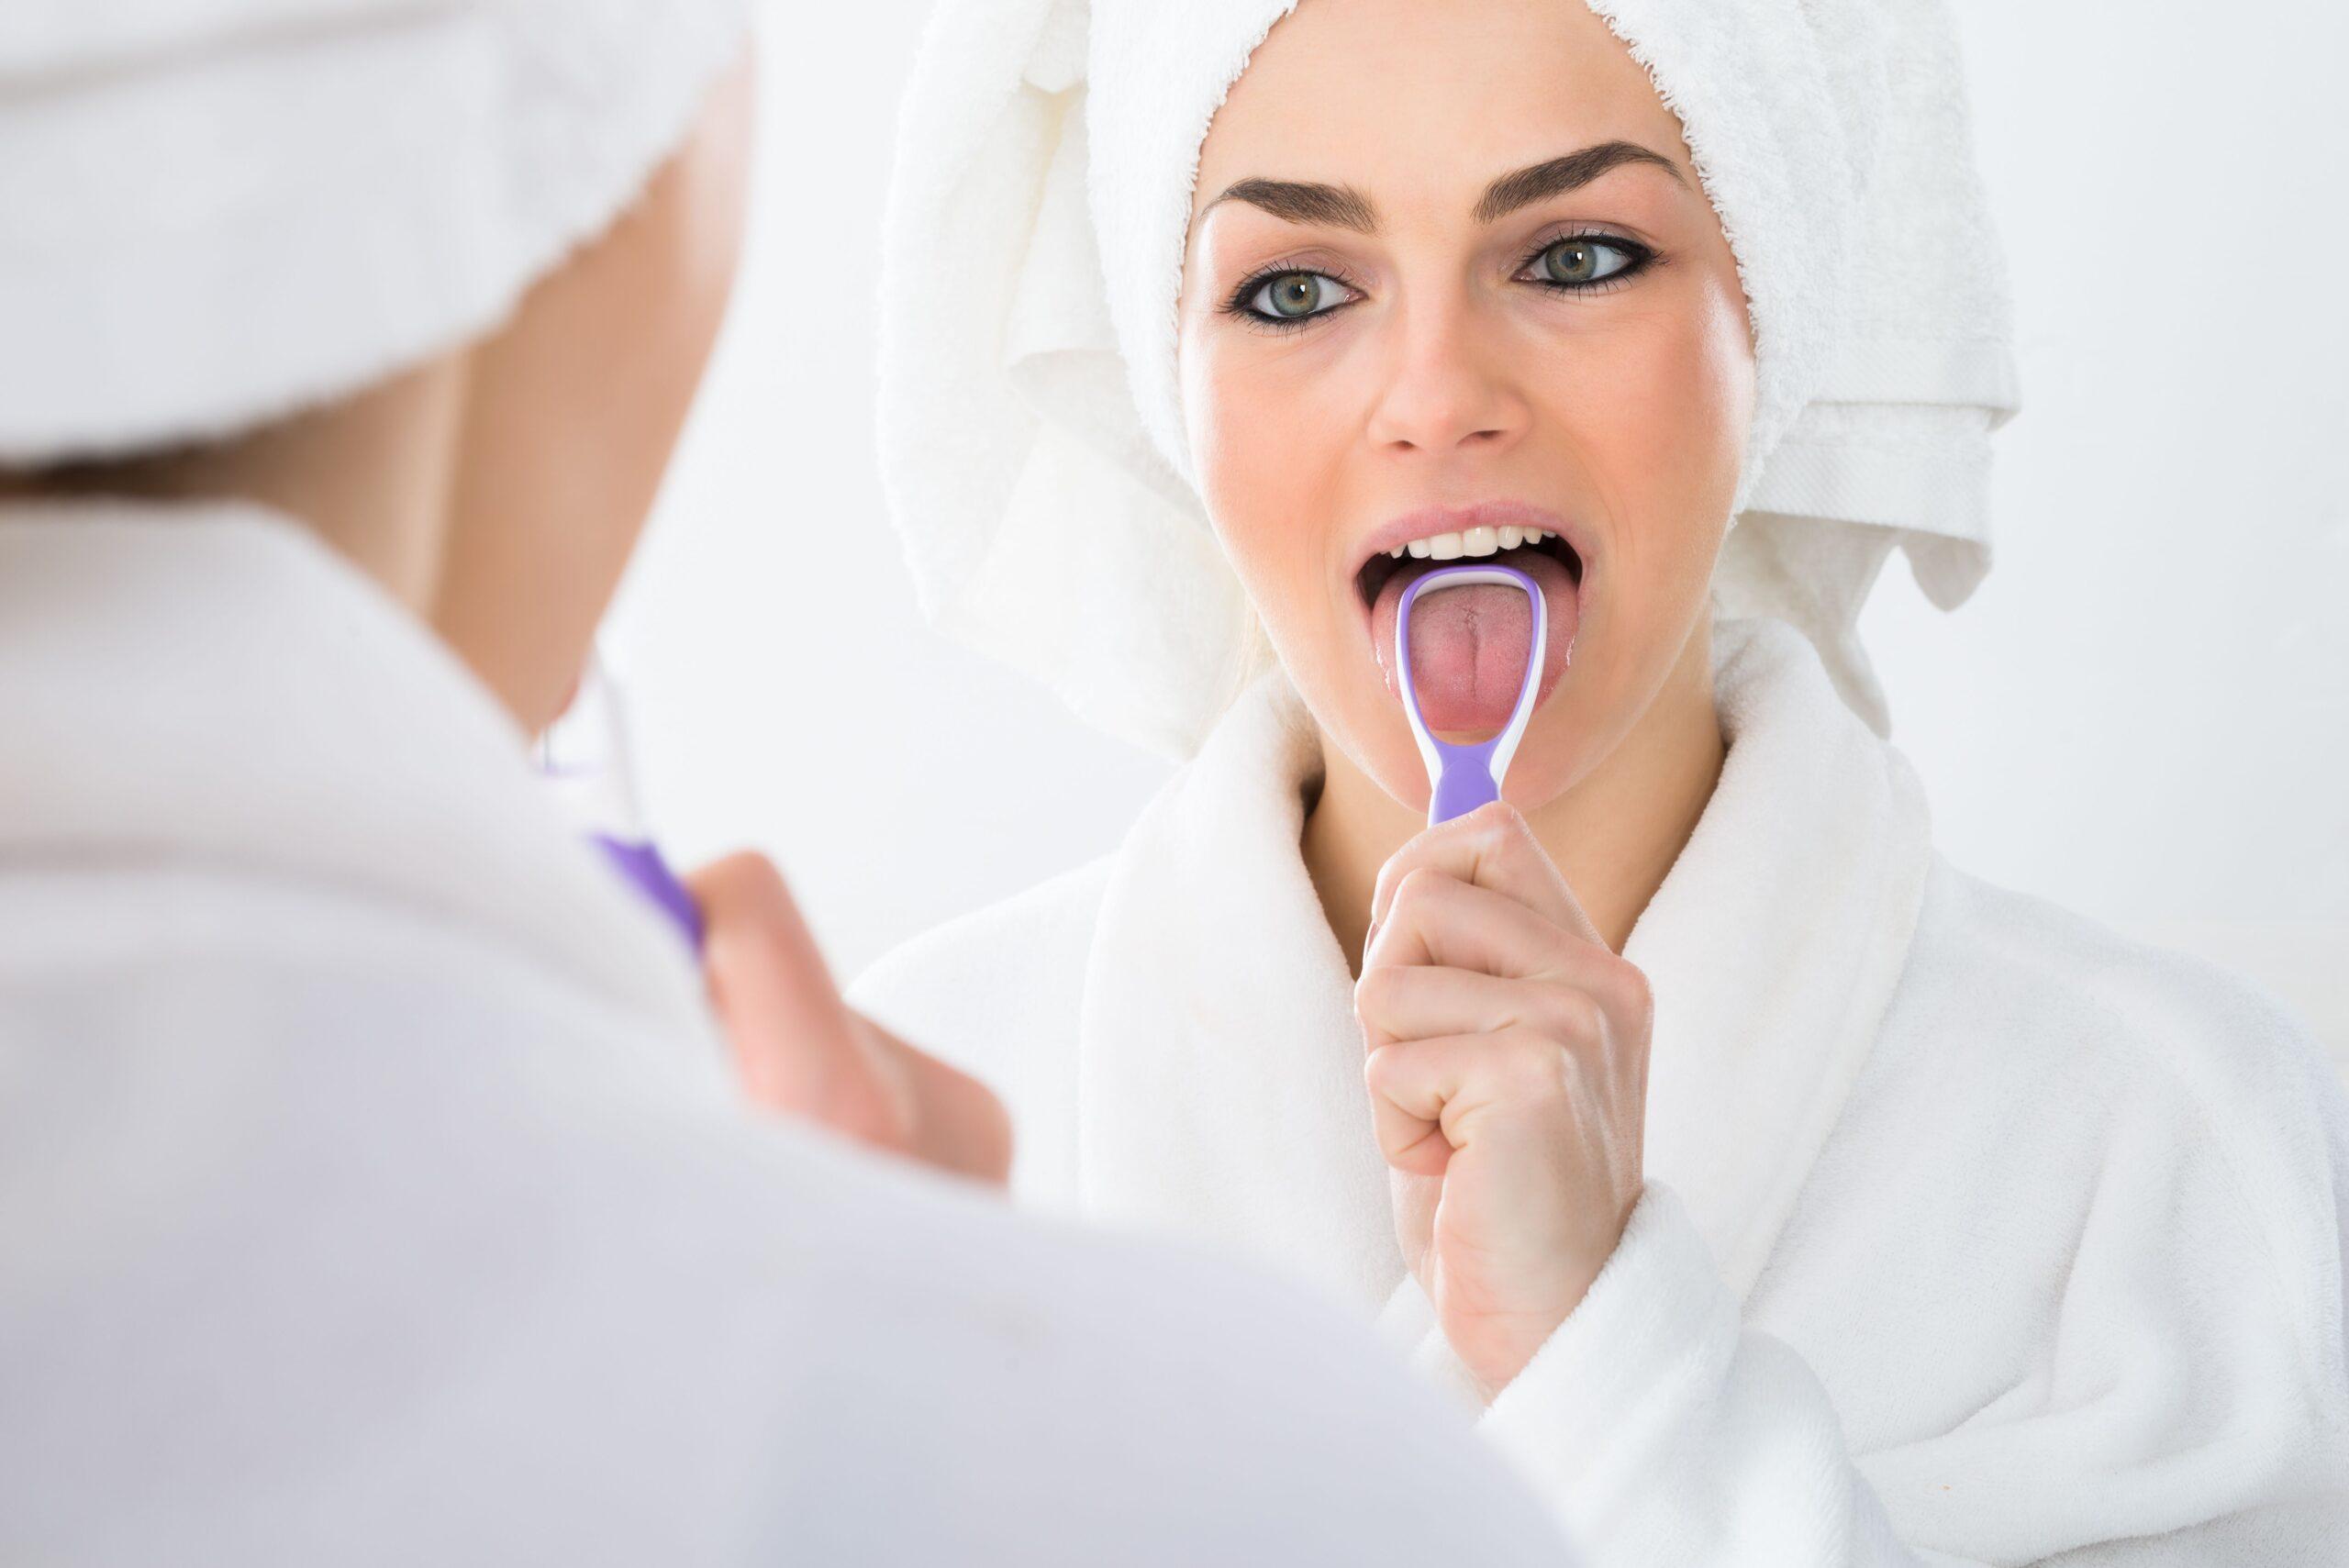 51040 Dentist | Should I Be Using a Tongue Scraper?